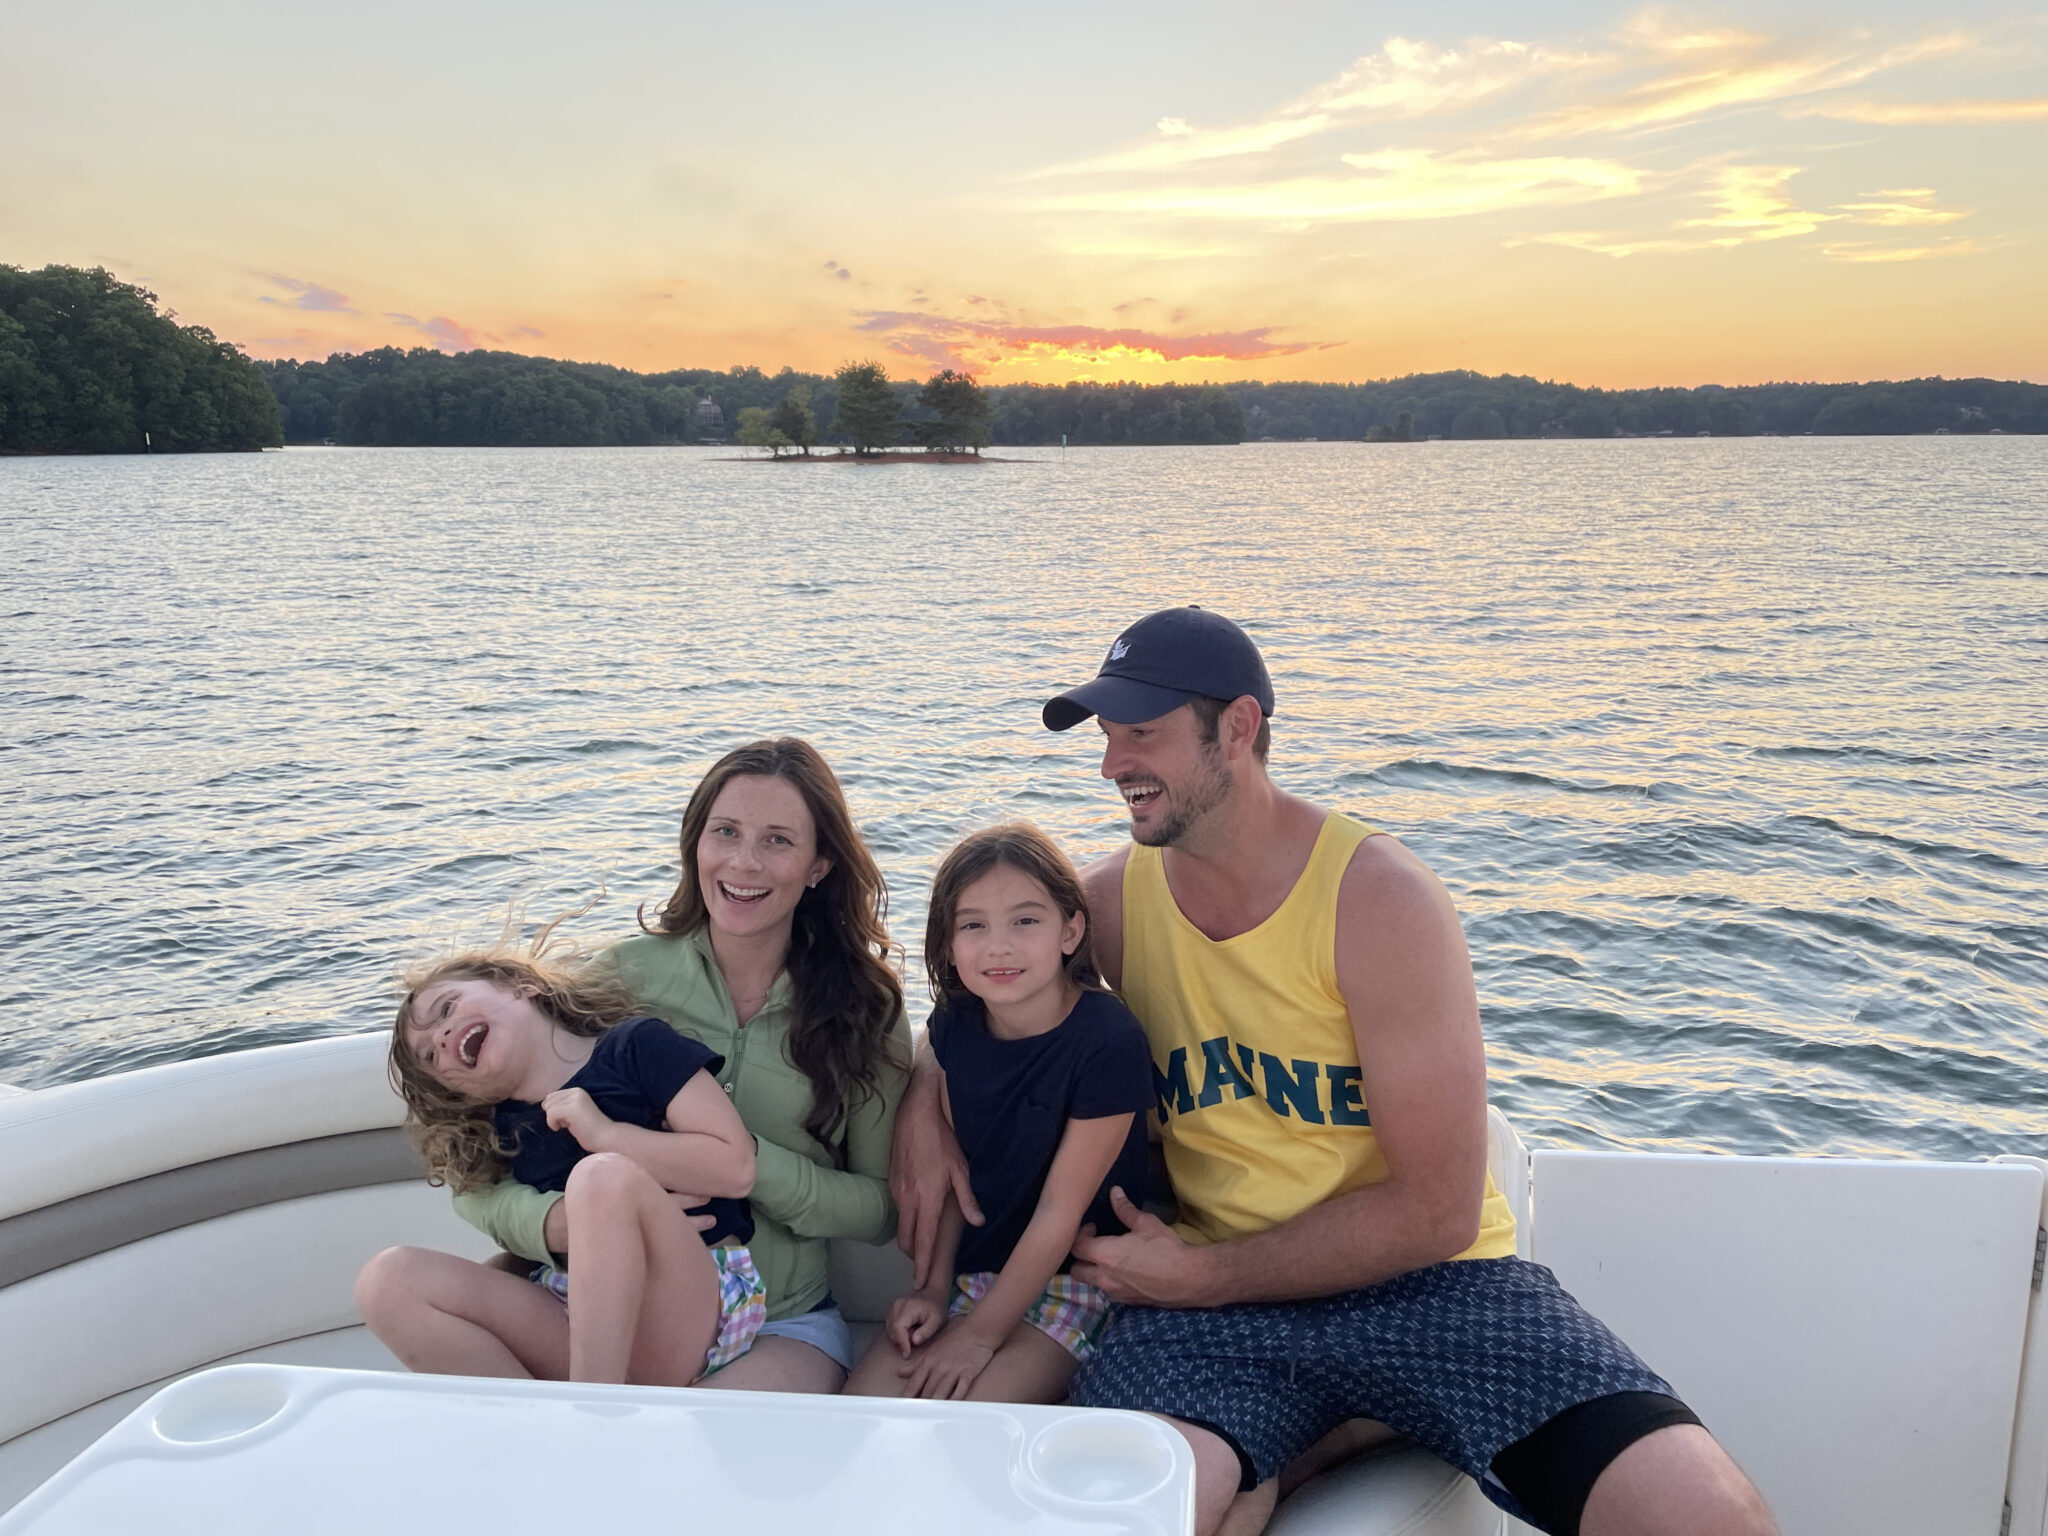 family on boat with sunrise Lake Lanier